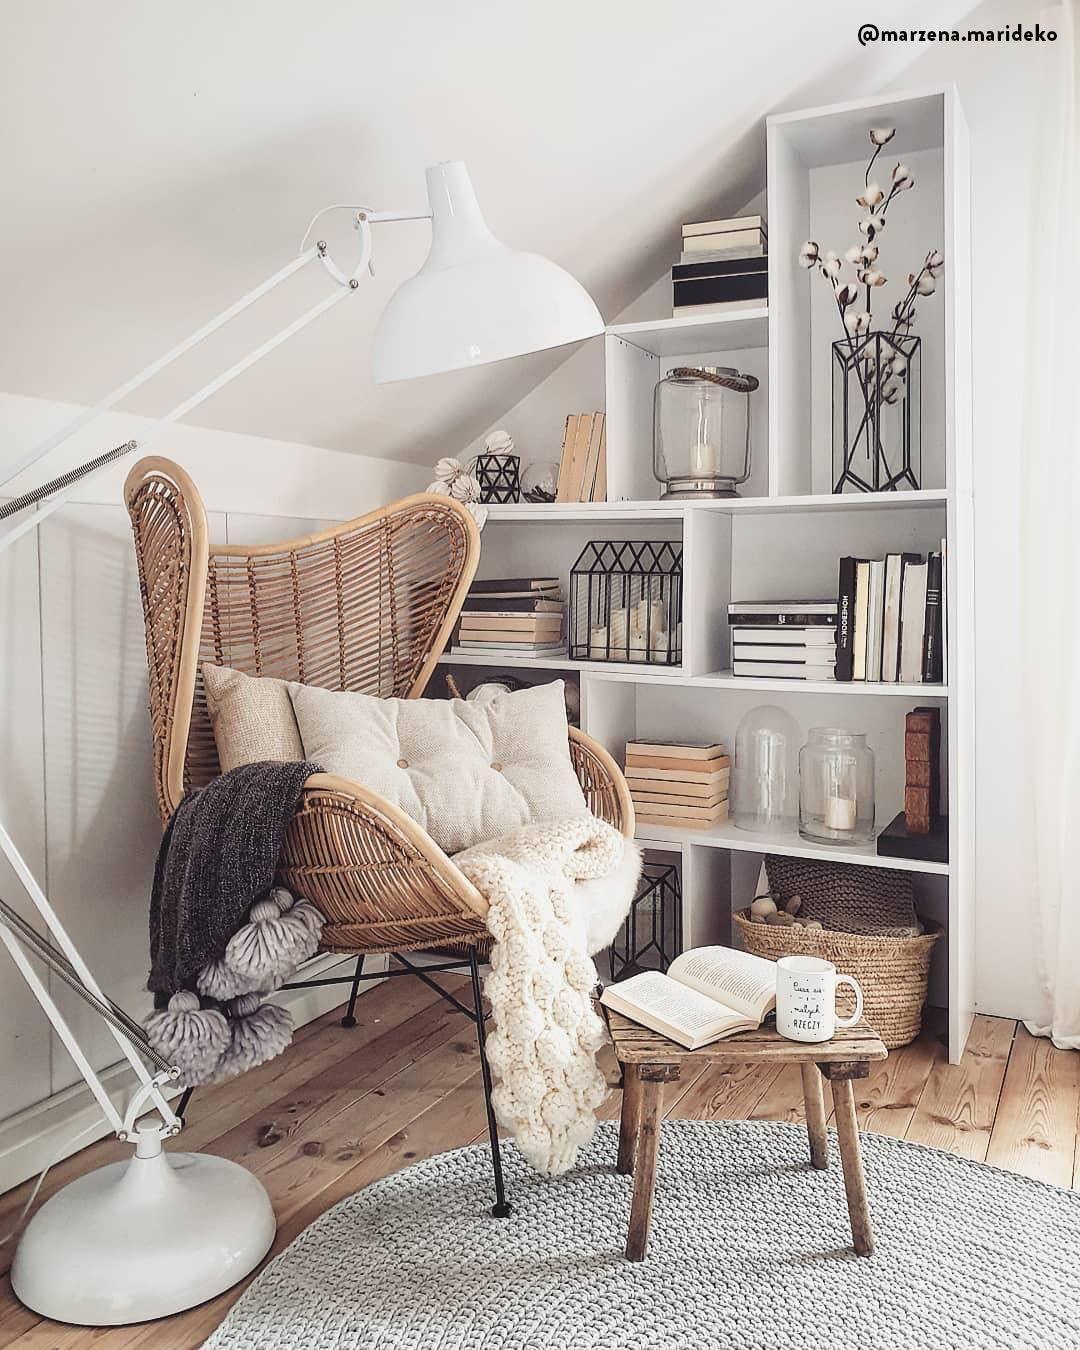 Boho & Scandi - Gli elementi naturali dello stile boho incontrano le decorazioni moderne di ispirazione scandinava. I colori sono neutri, mentre i materiali come legno, rattan, vimini e lana danno un senso di calore.